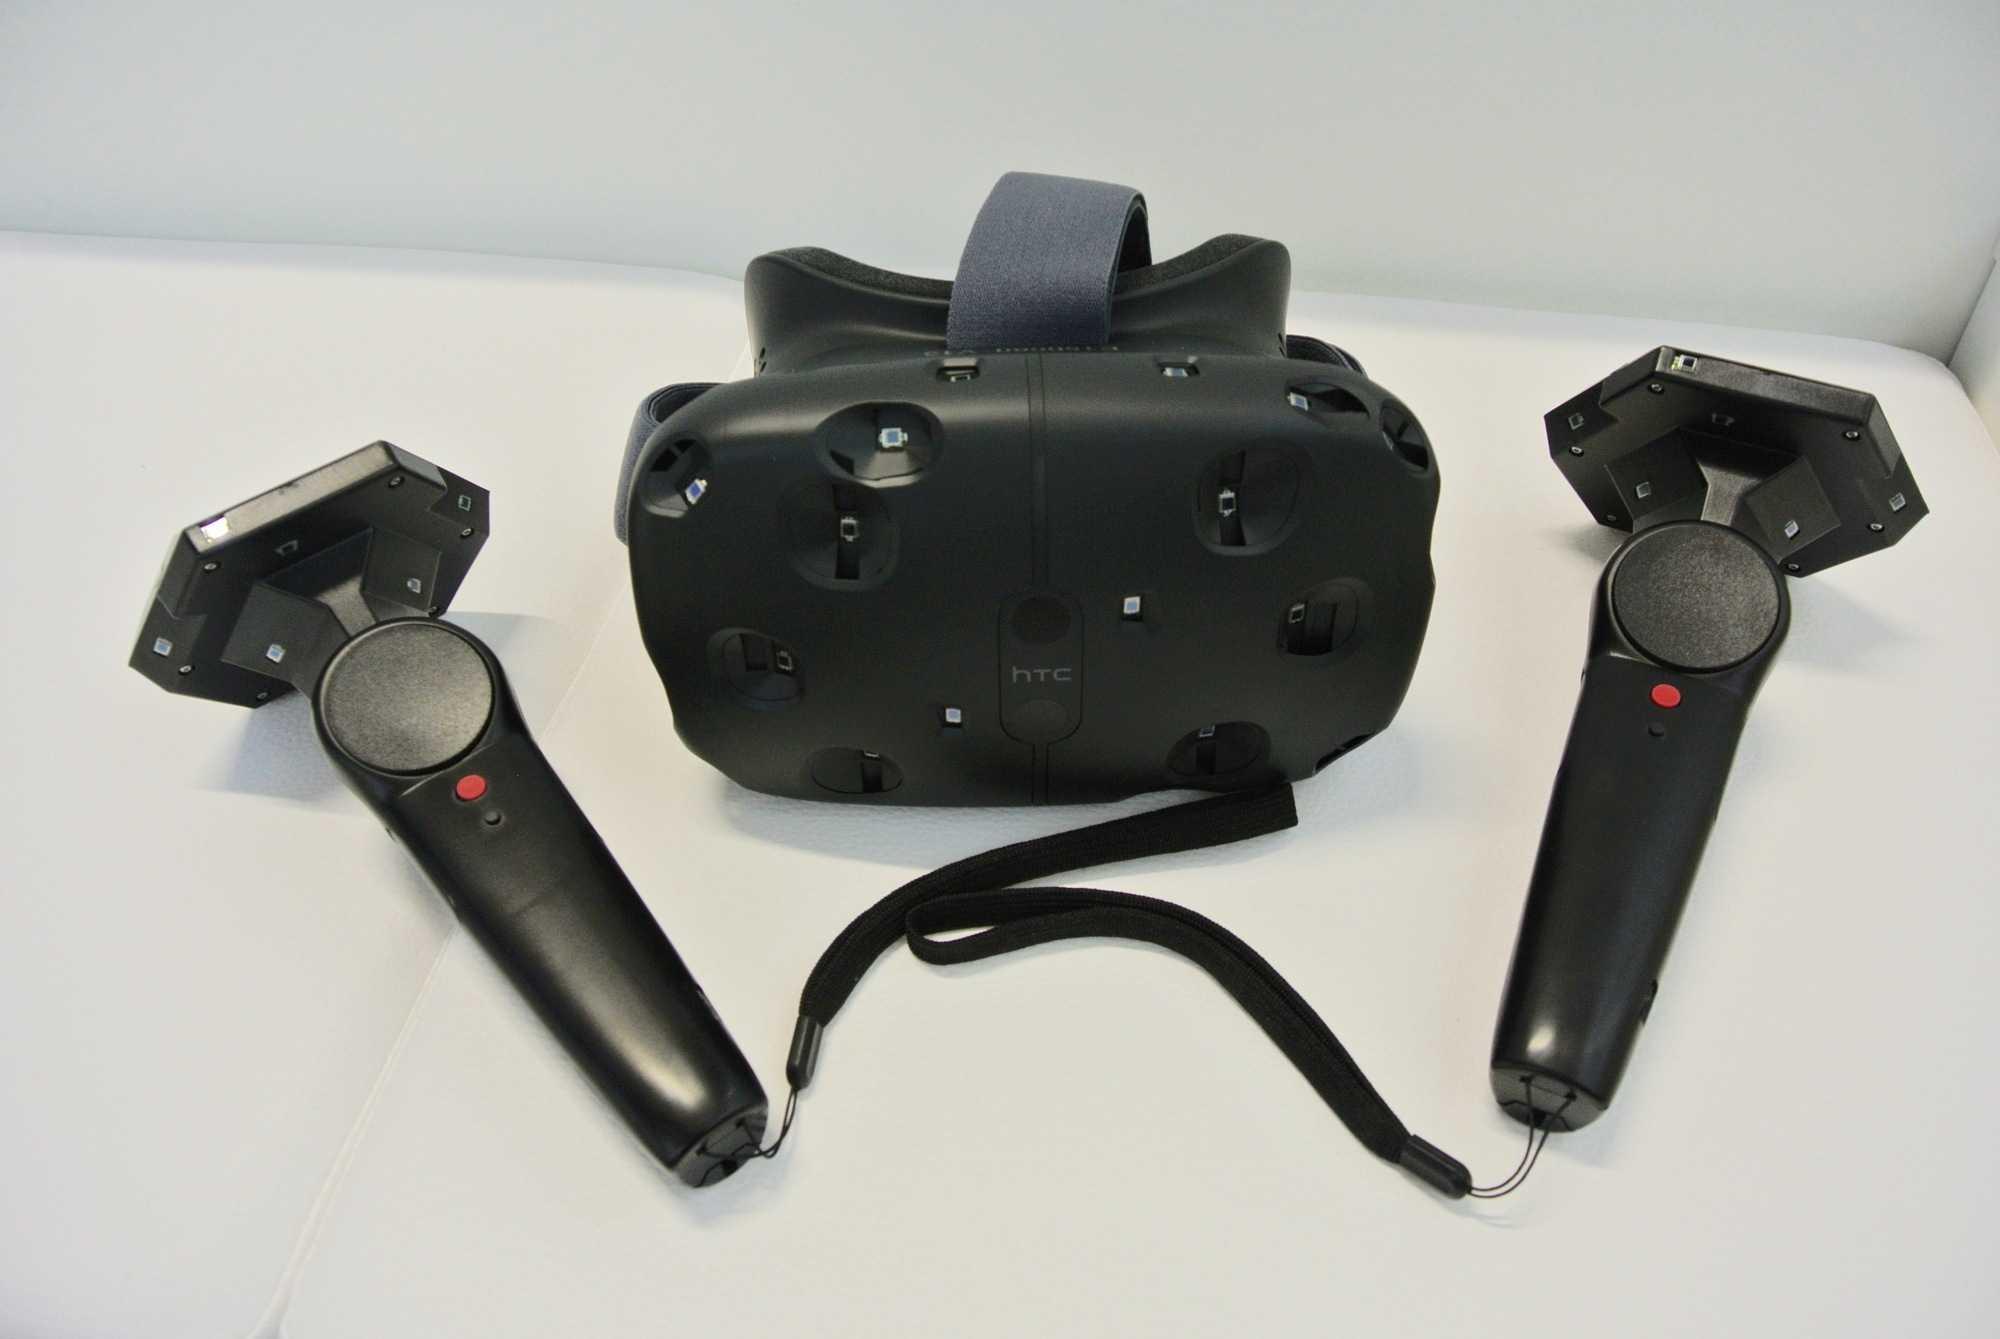 Das Vive-System von HTC/Valve kommt einem Holodeck am nächsten, hat dafür jedoch auch den größten Platzbedarf.